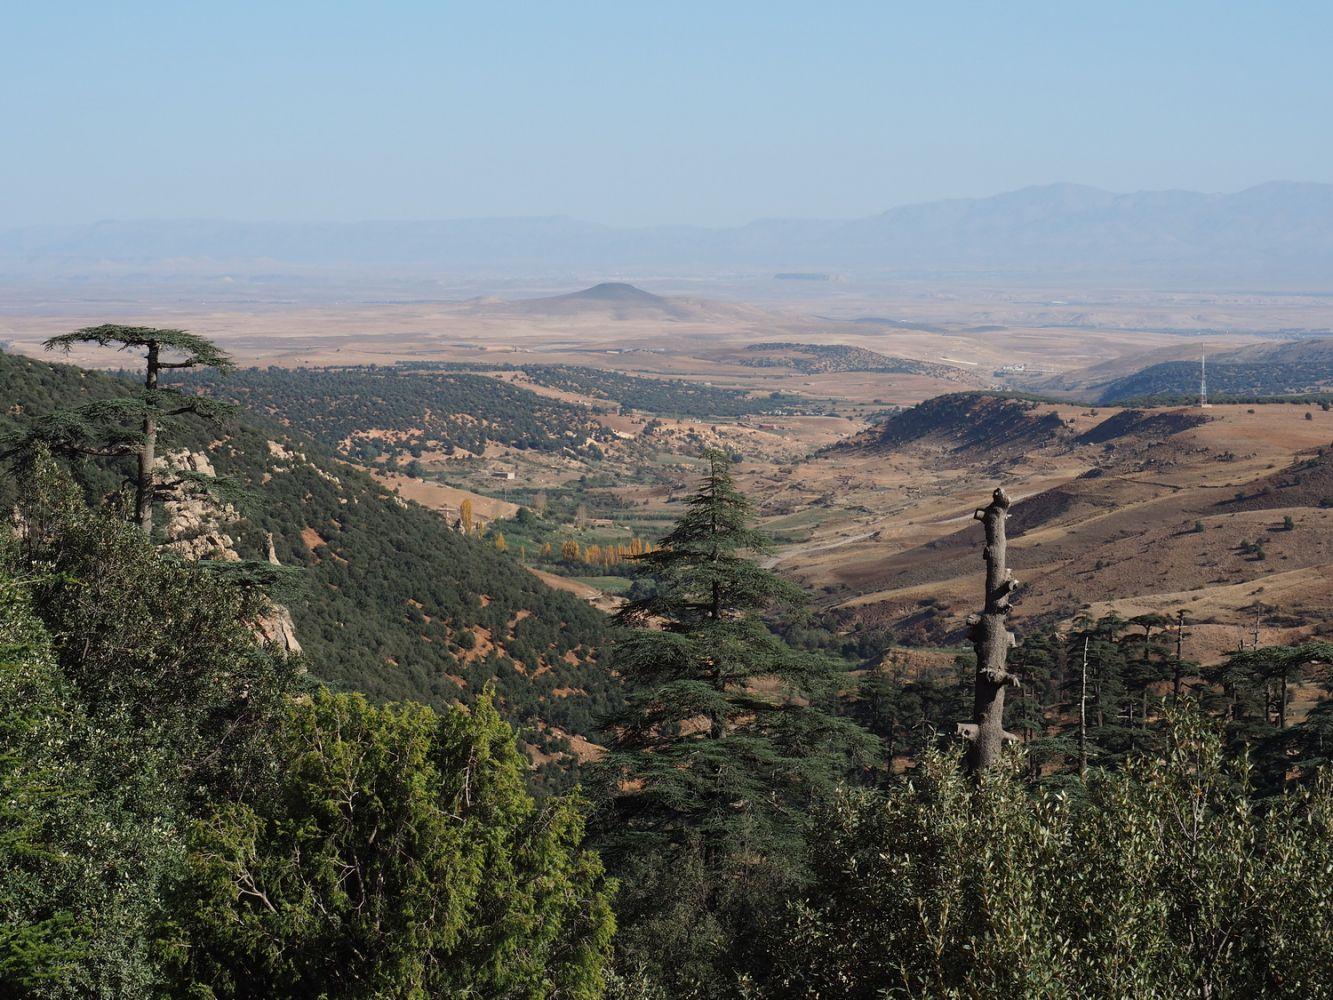 article_1711_Soleil d'automne sur les montagnes du Maroc_21